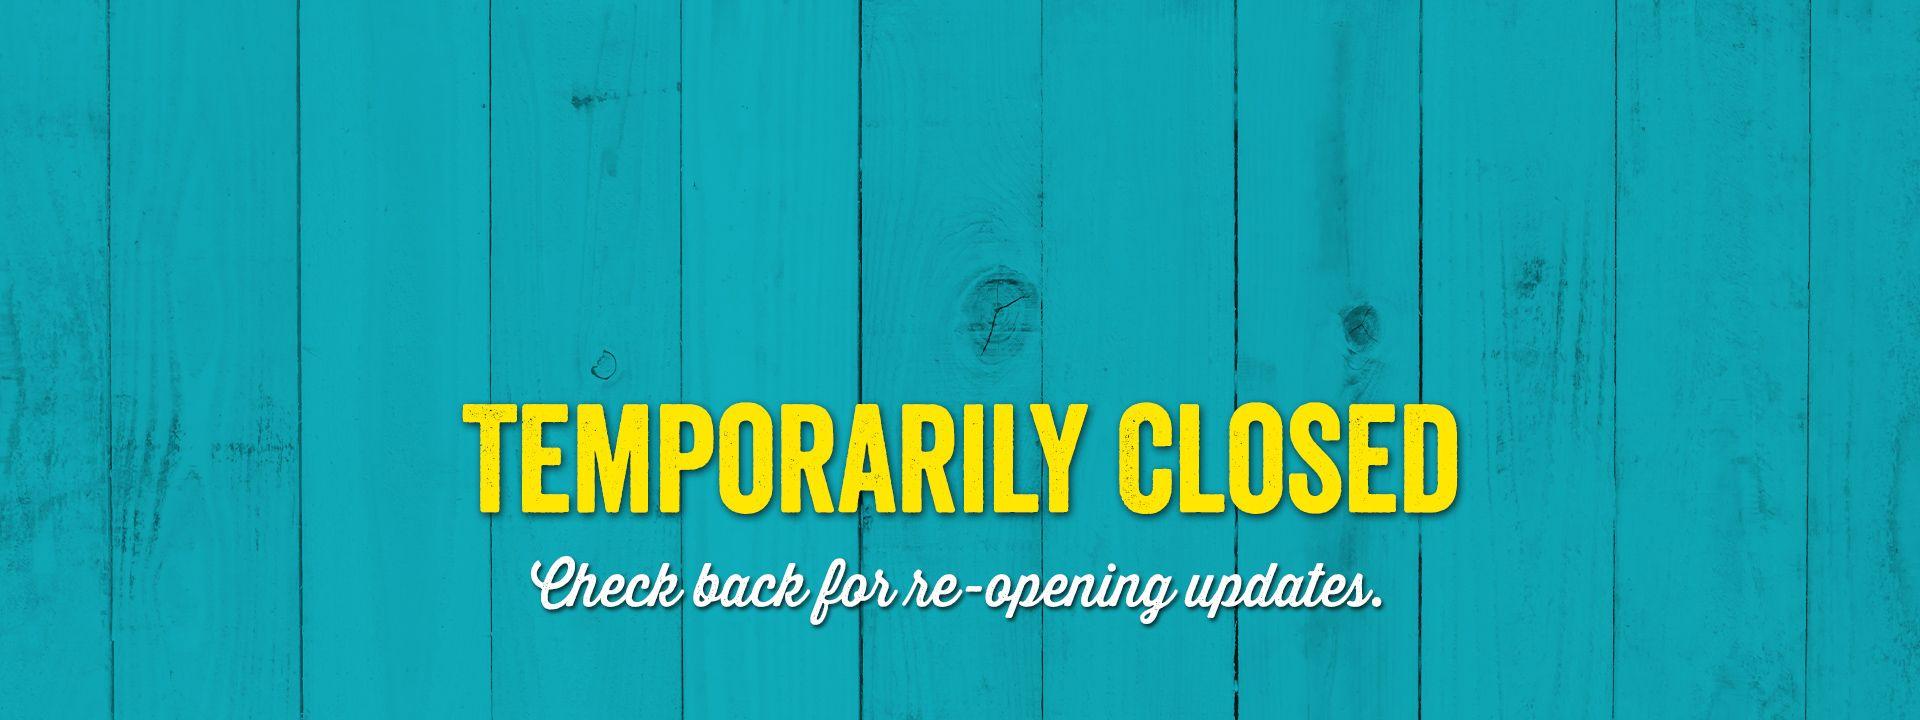 200601_mvnash_temporarily_closed_v02.jpg